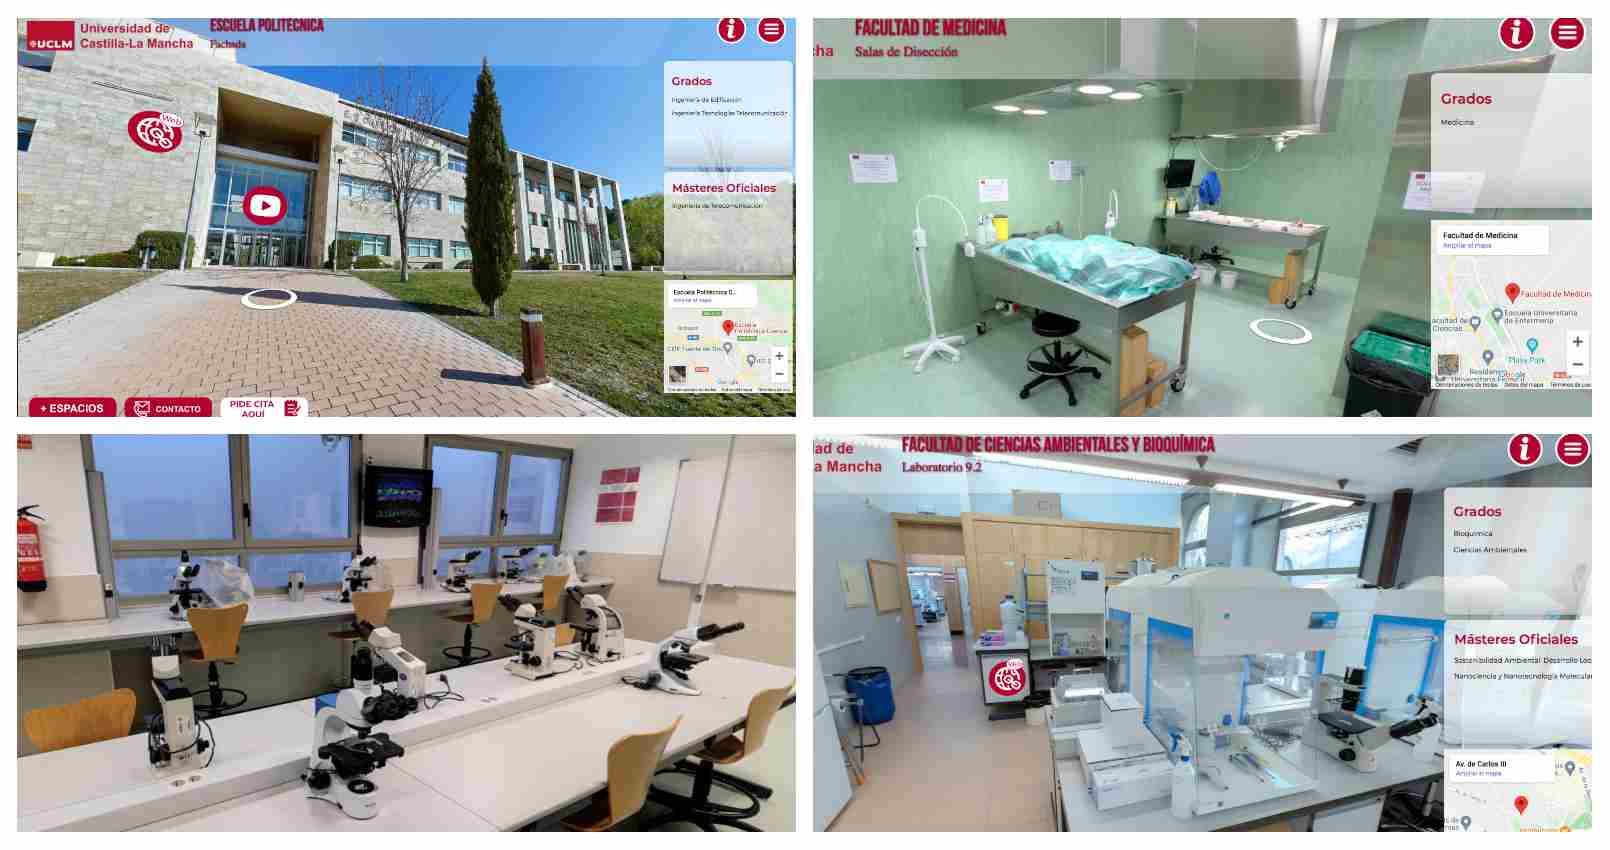 Algunas de los espacios que se pueden visualizar el nos nuevos tours de la UCLM.